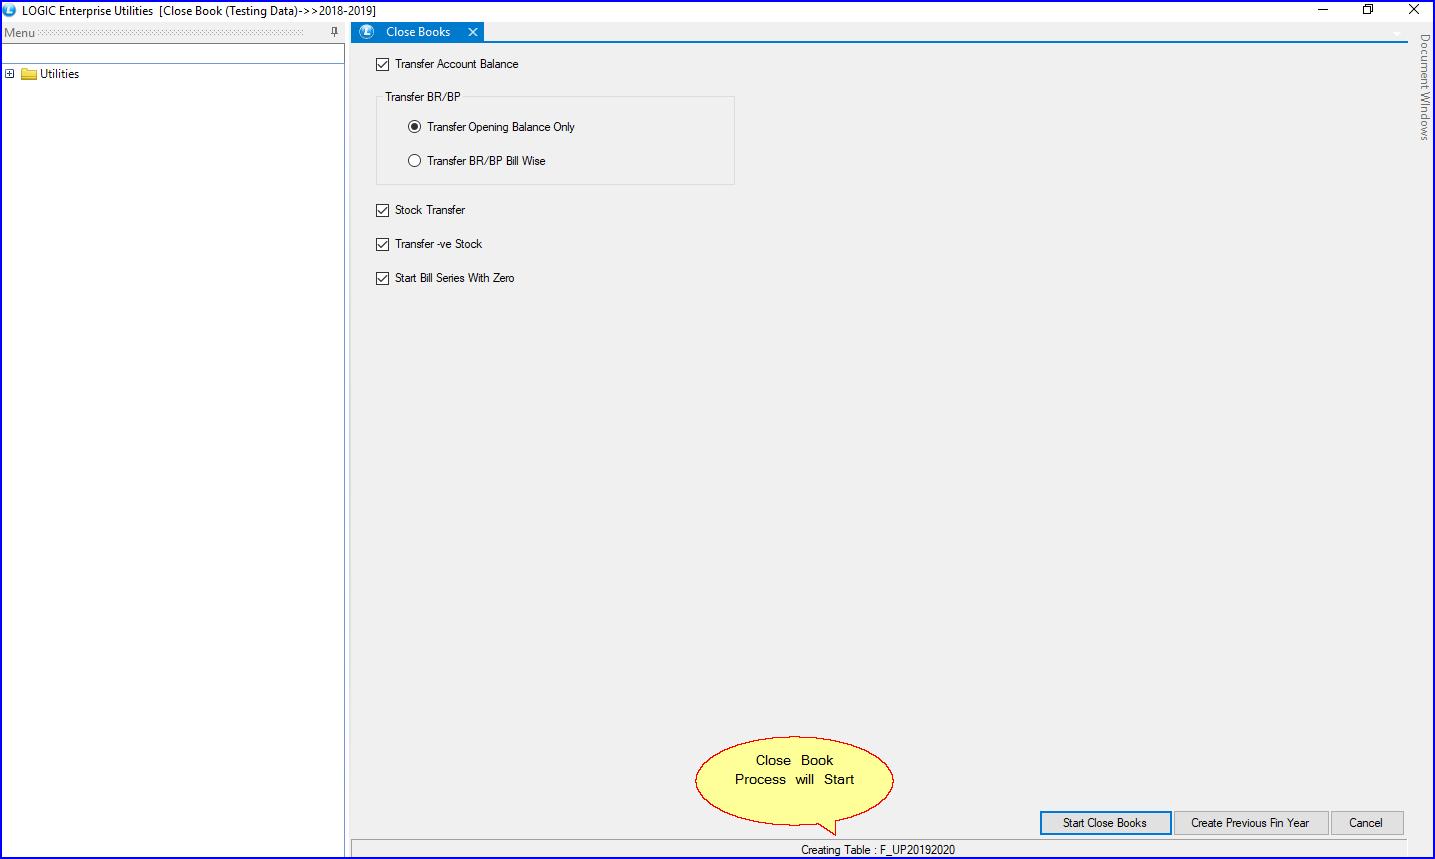 CloseBook-ProcessStart